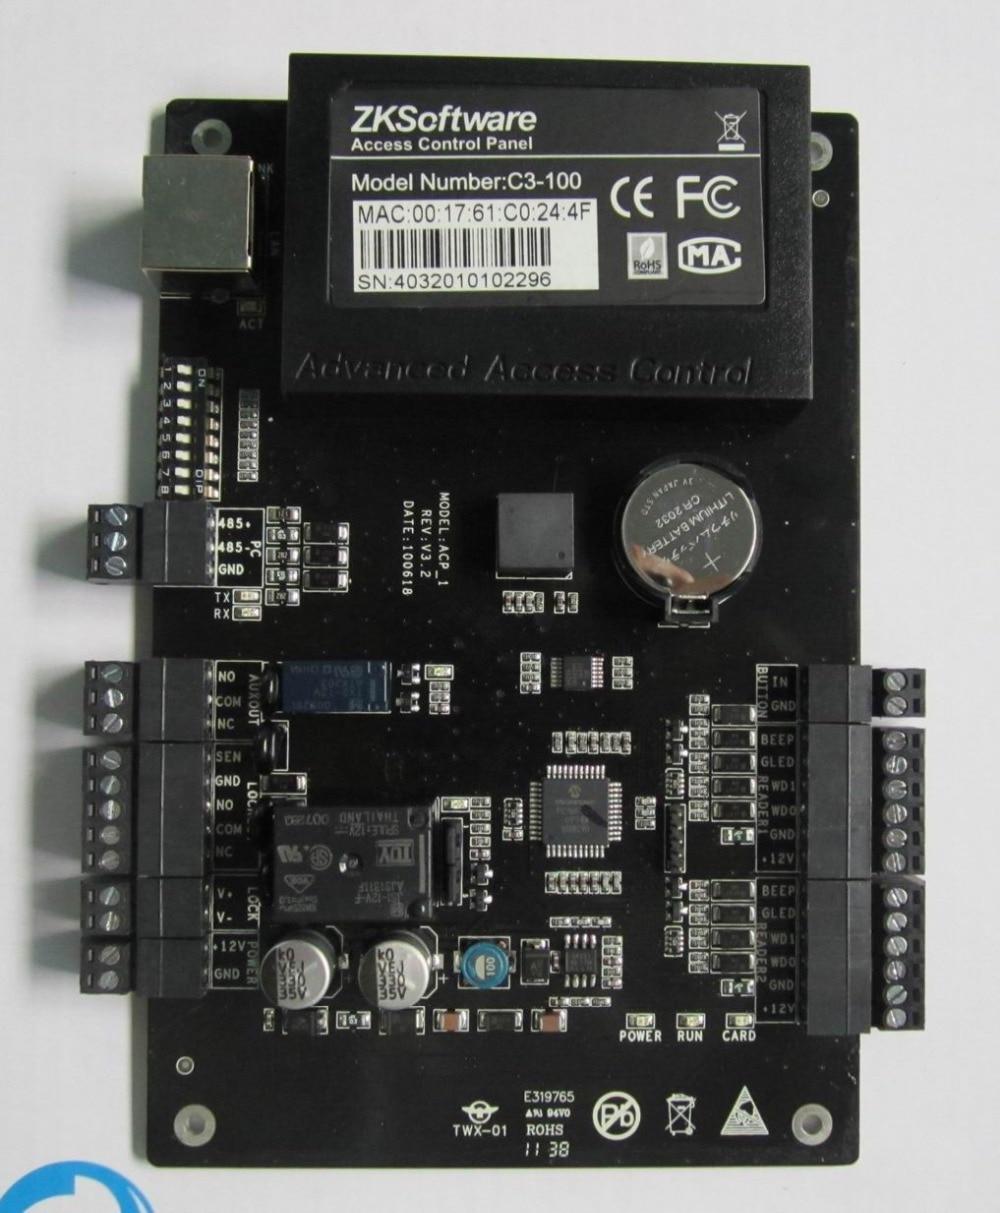 ZK C3-100 TCP/IP Contrôle D'accès Intelligent intégré à Une porte Bidirectionnelle Porte Panneau De Contrôle D'accès avec Logiciel Libre